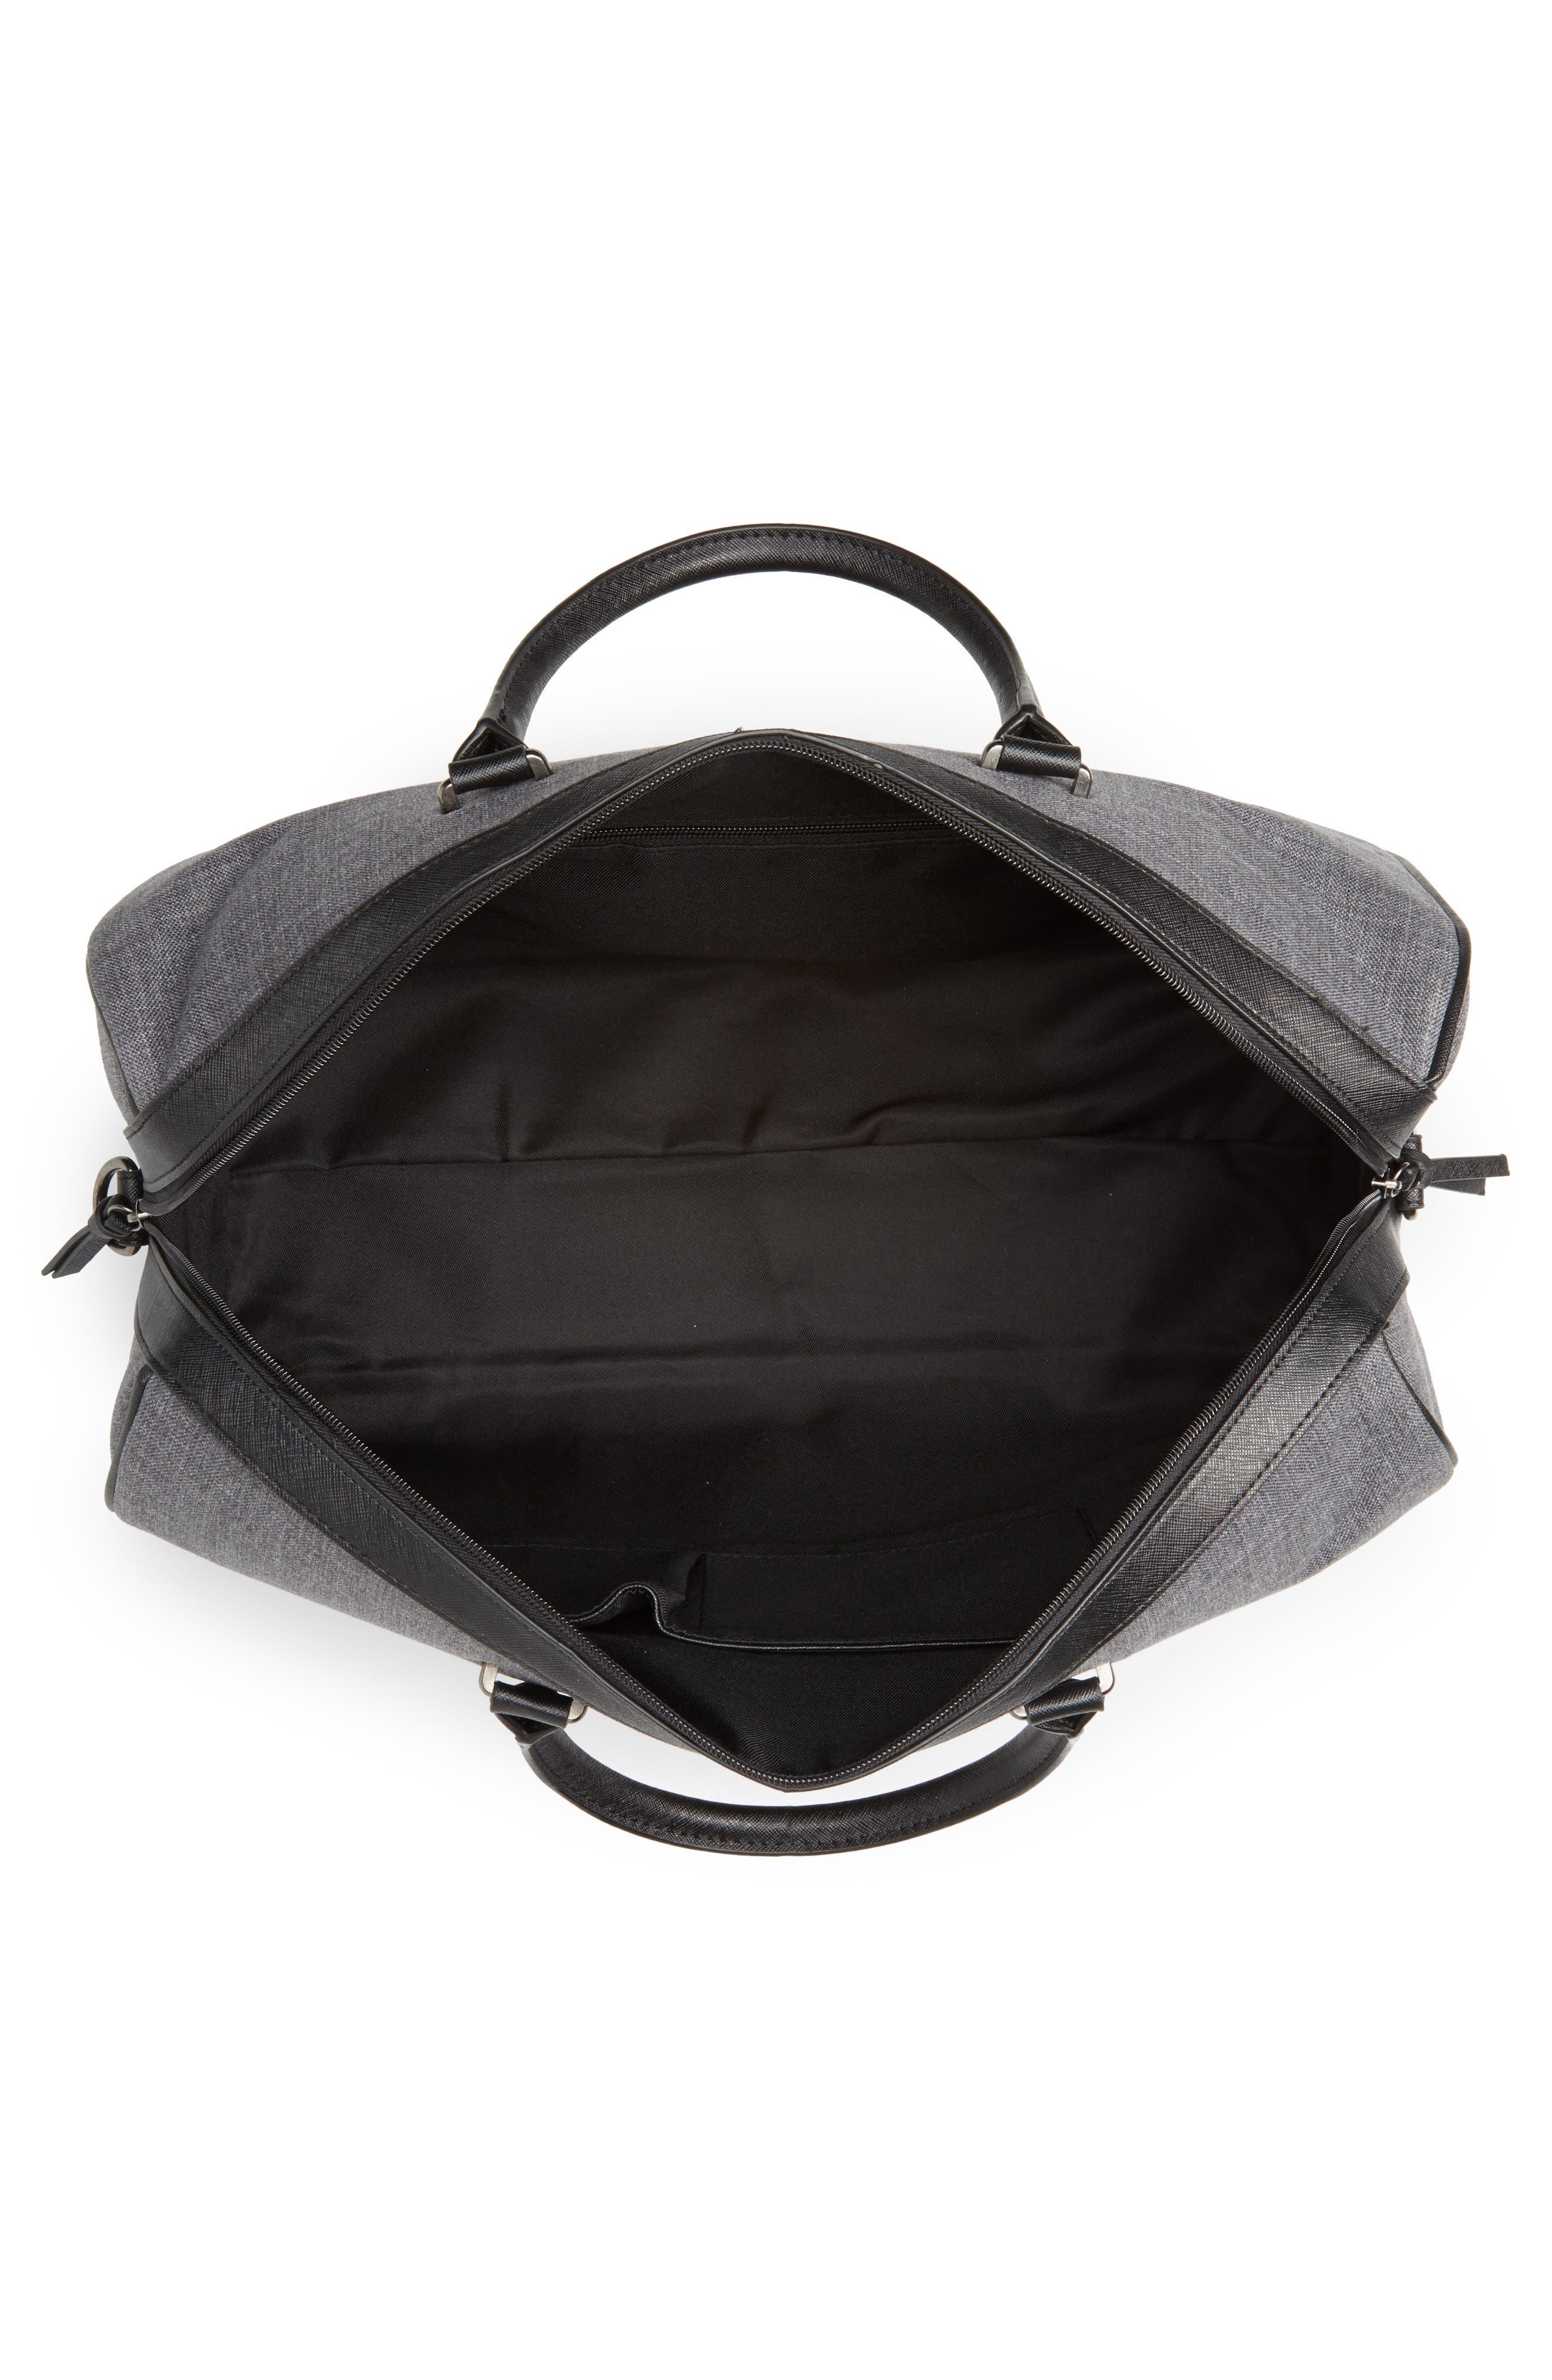 Caper Duffel Bag,                             Alternate thumbnail 4, color,                             CHARCOAL